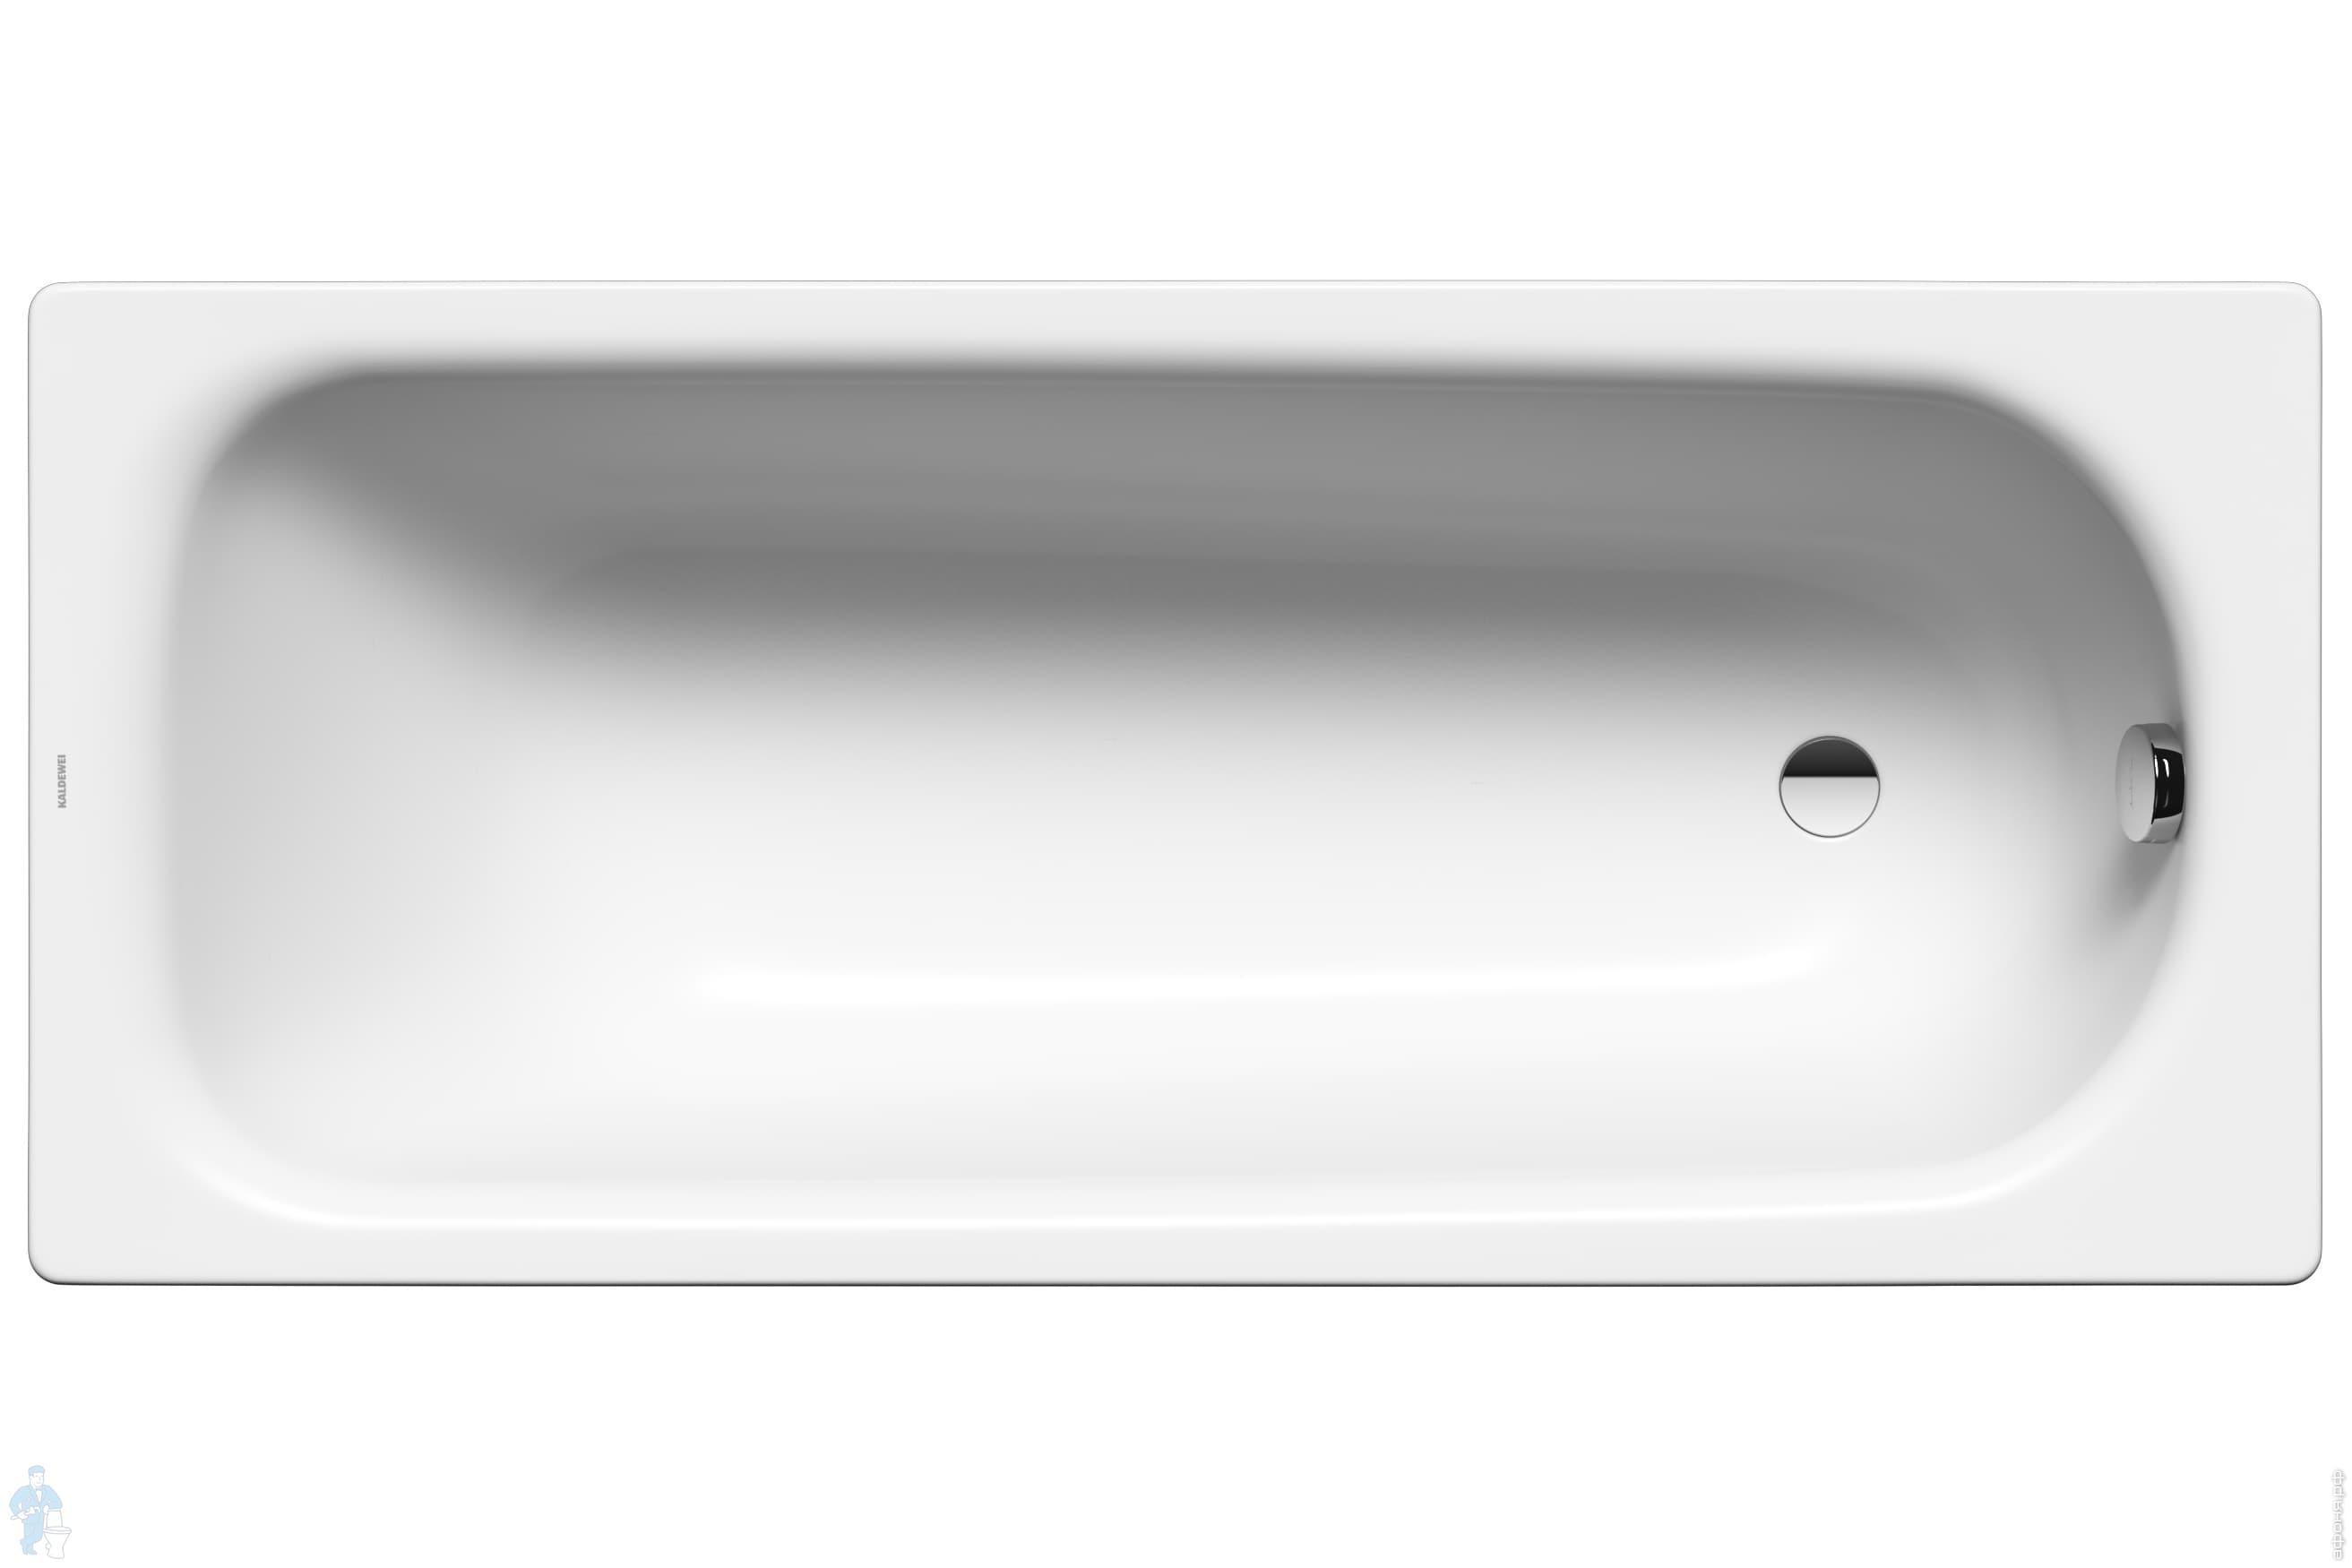 Ванна стальная Kaldewei SANIFORM PLUS 373-1 1700х750х410 прямоугольная | Афоня.рф, цена 16 737 руб.